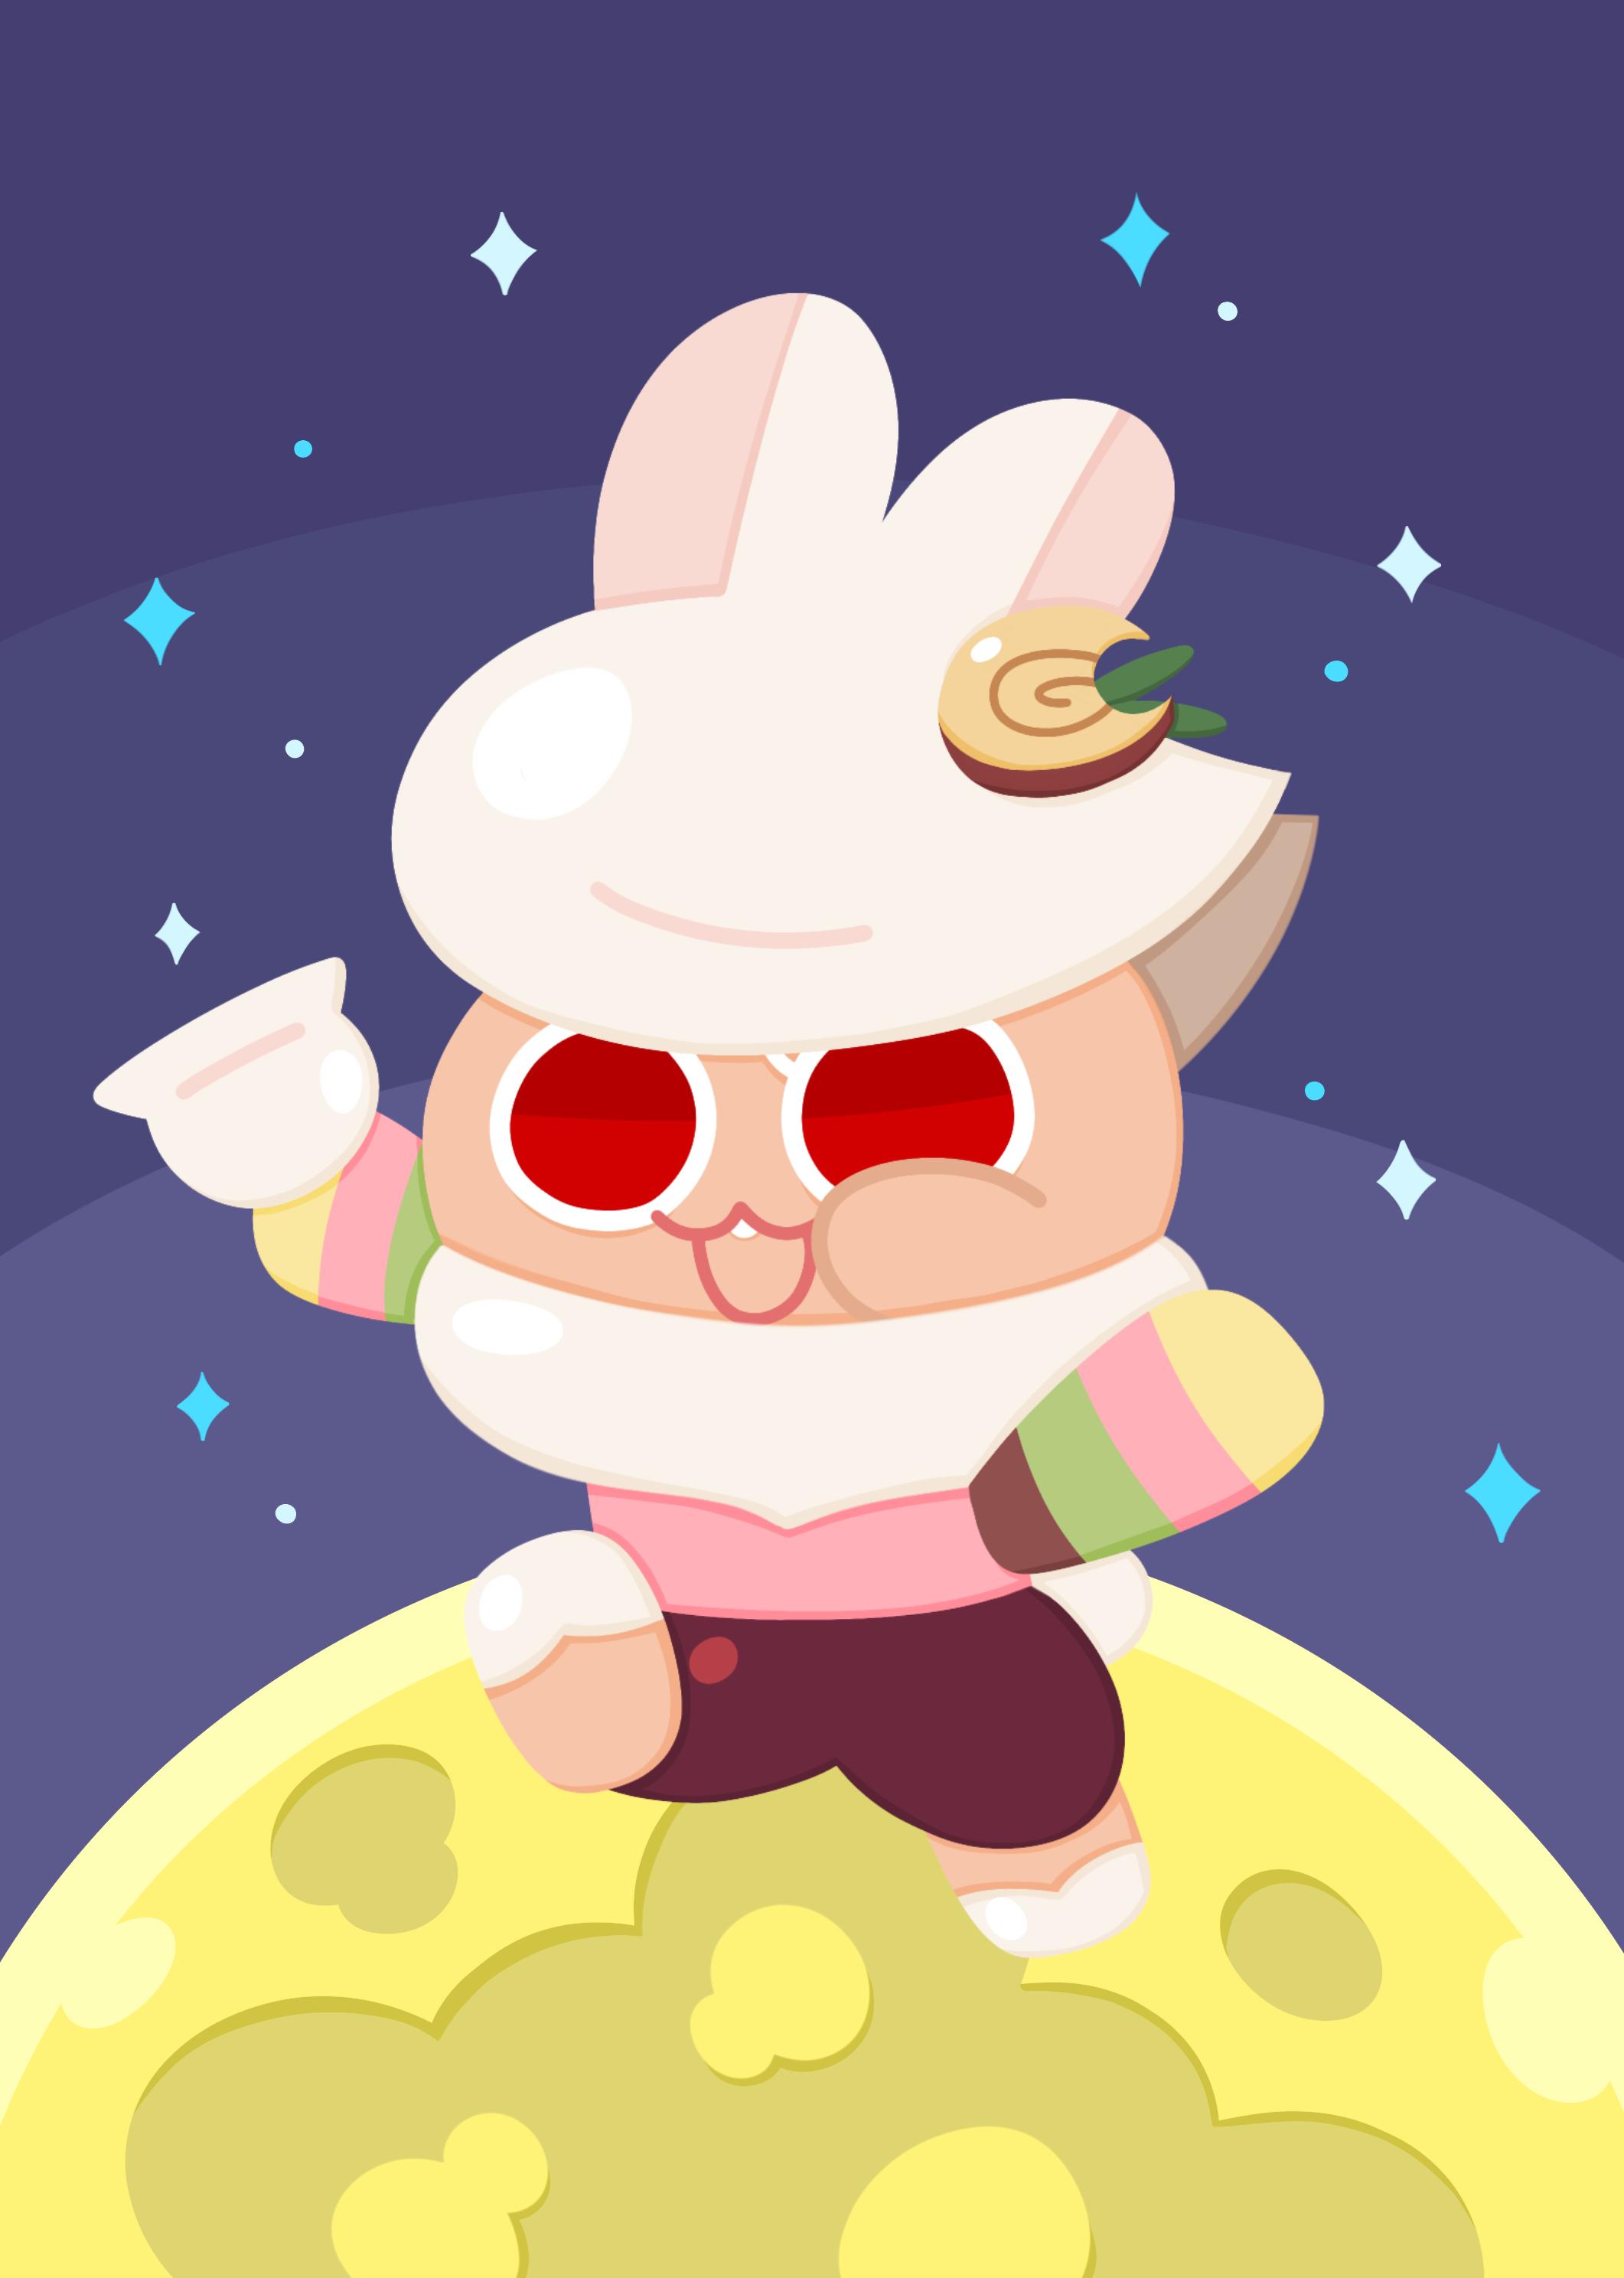 Moon Rabbit Cookie   Cookie Run   Image 2623754   Zerochan Anime 2122x2976